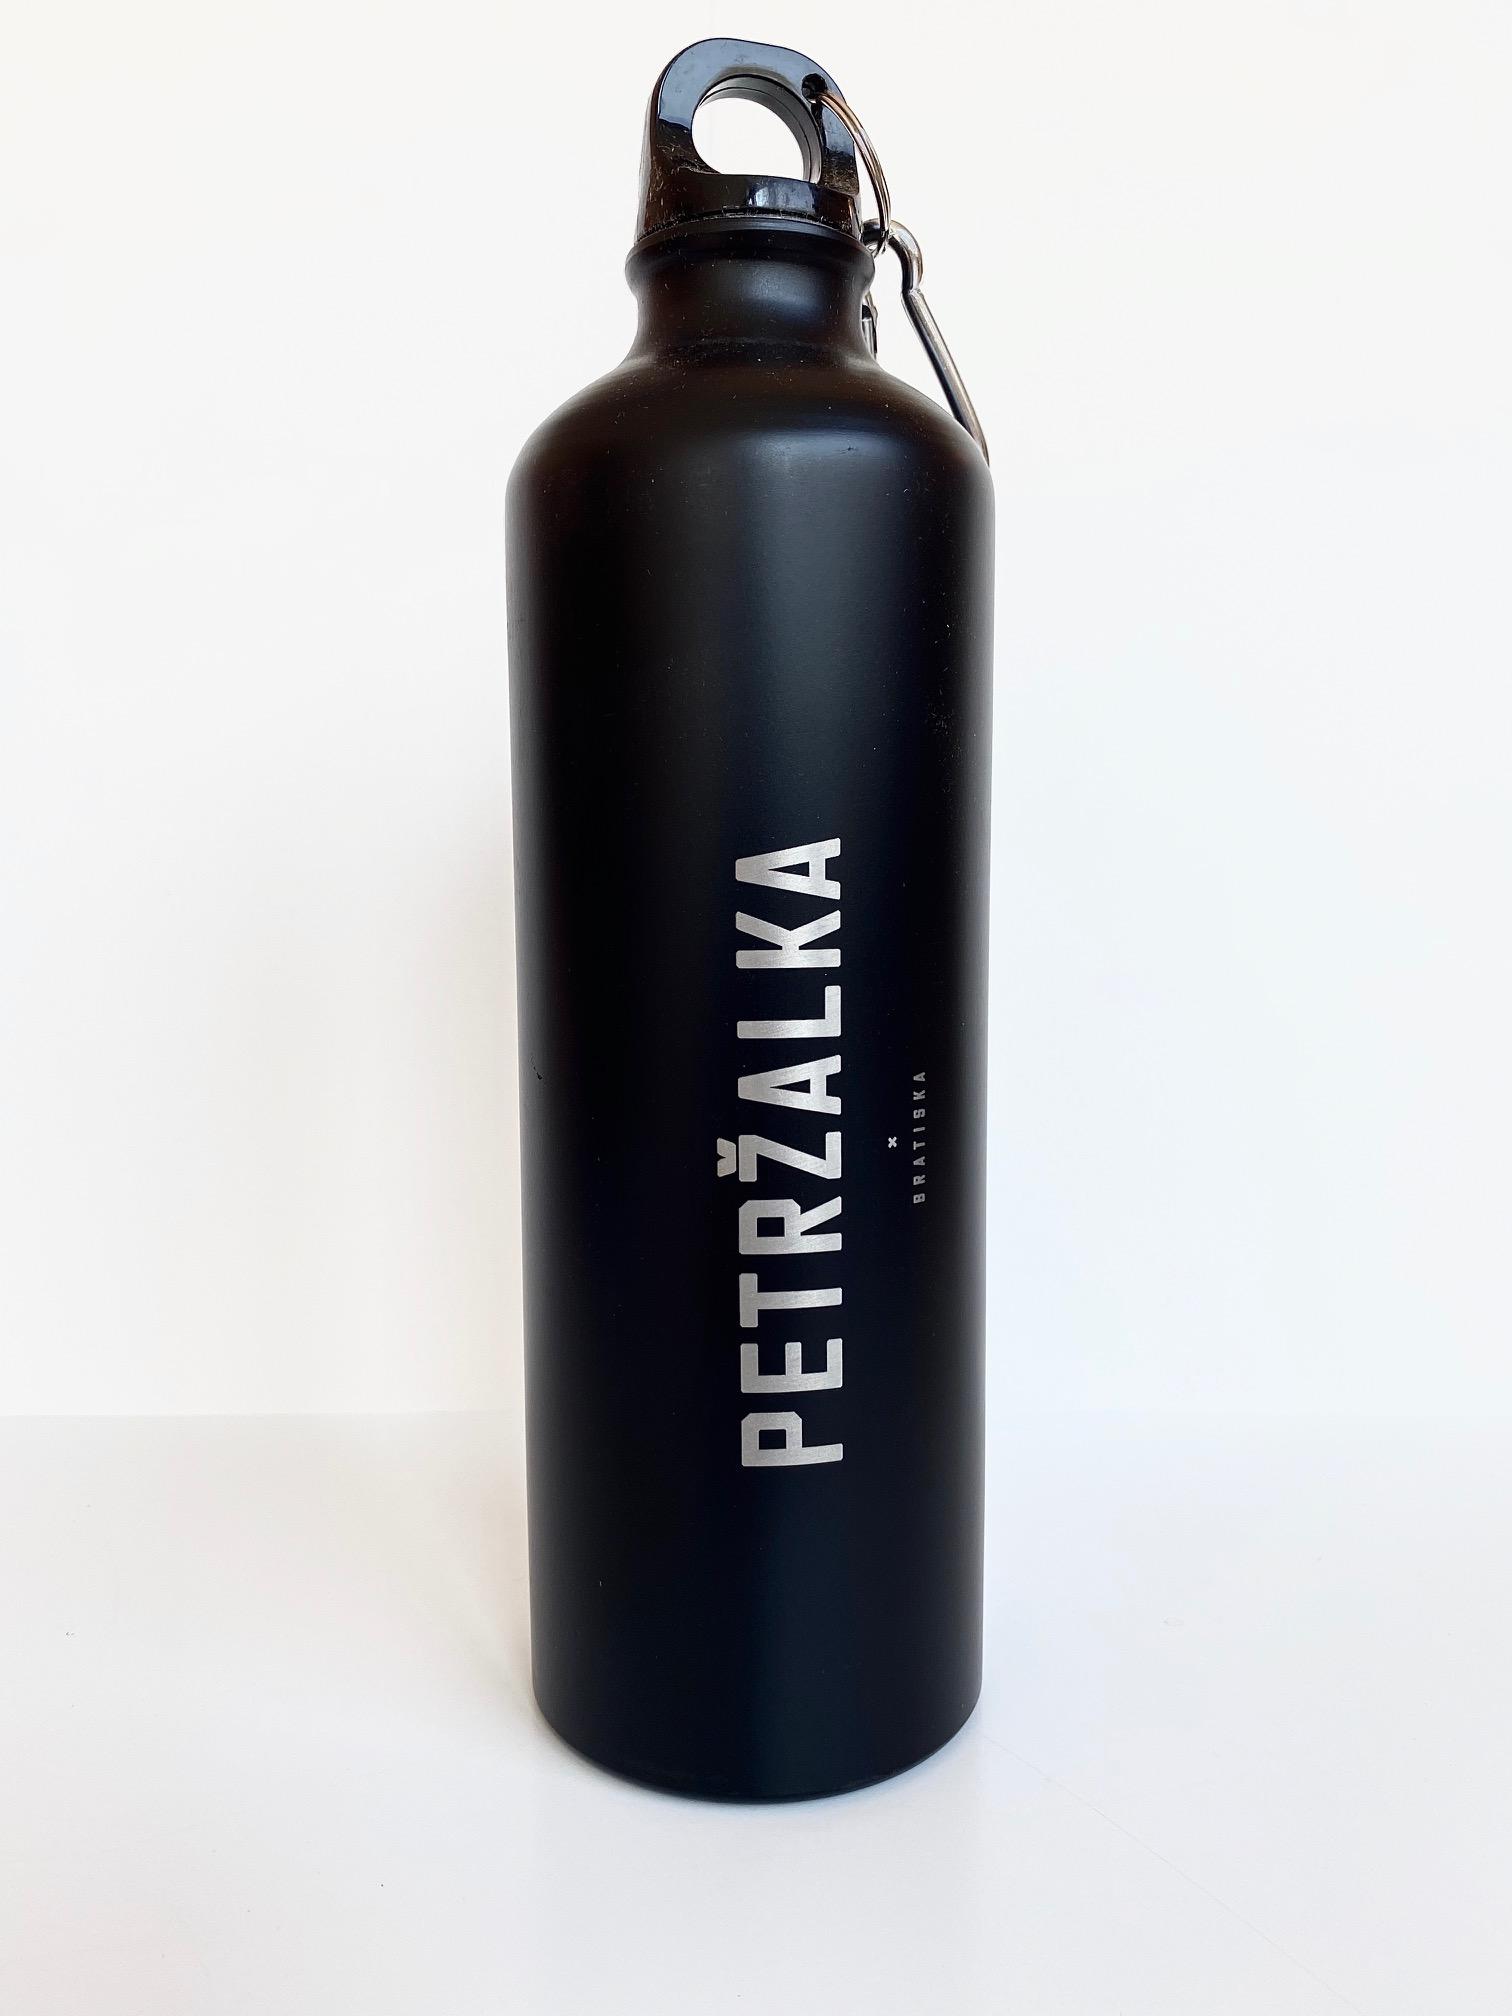 Fľaša Petržalka